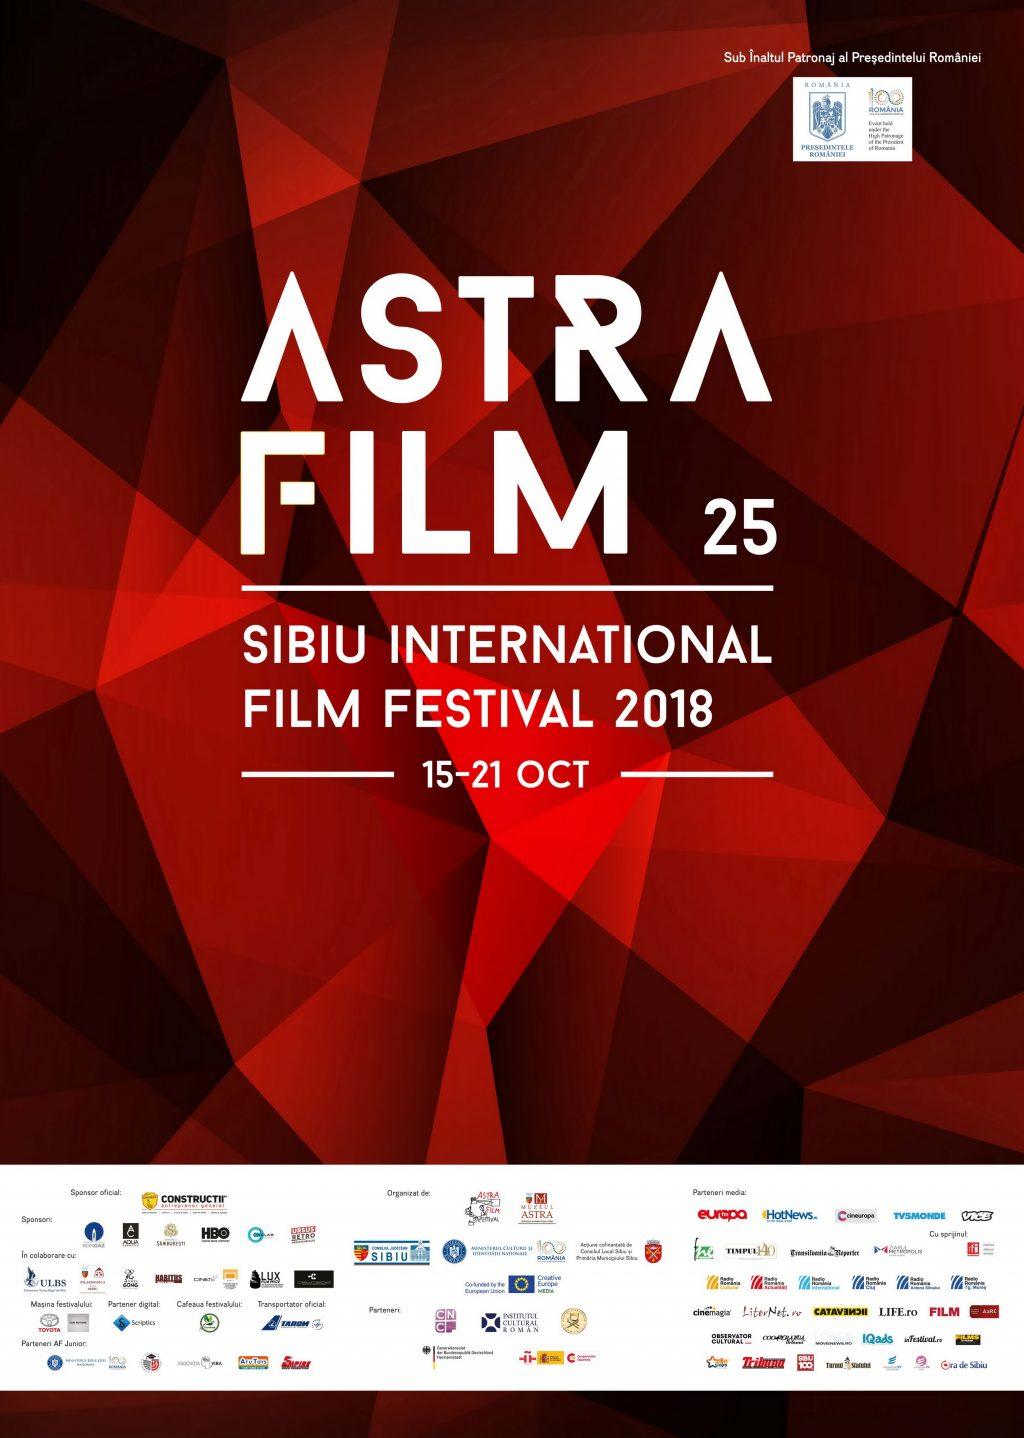 Viitorul se intampla azi in proiectii VR si full-dome la Astra Film Festival 2018